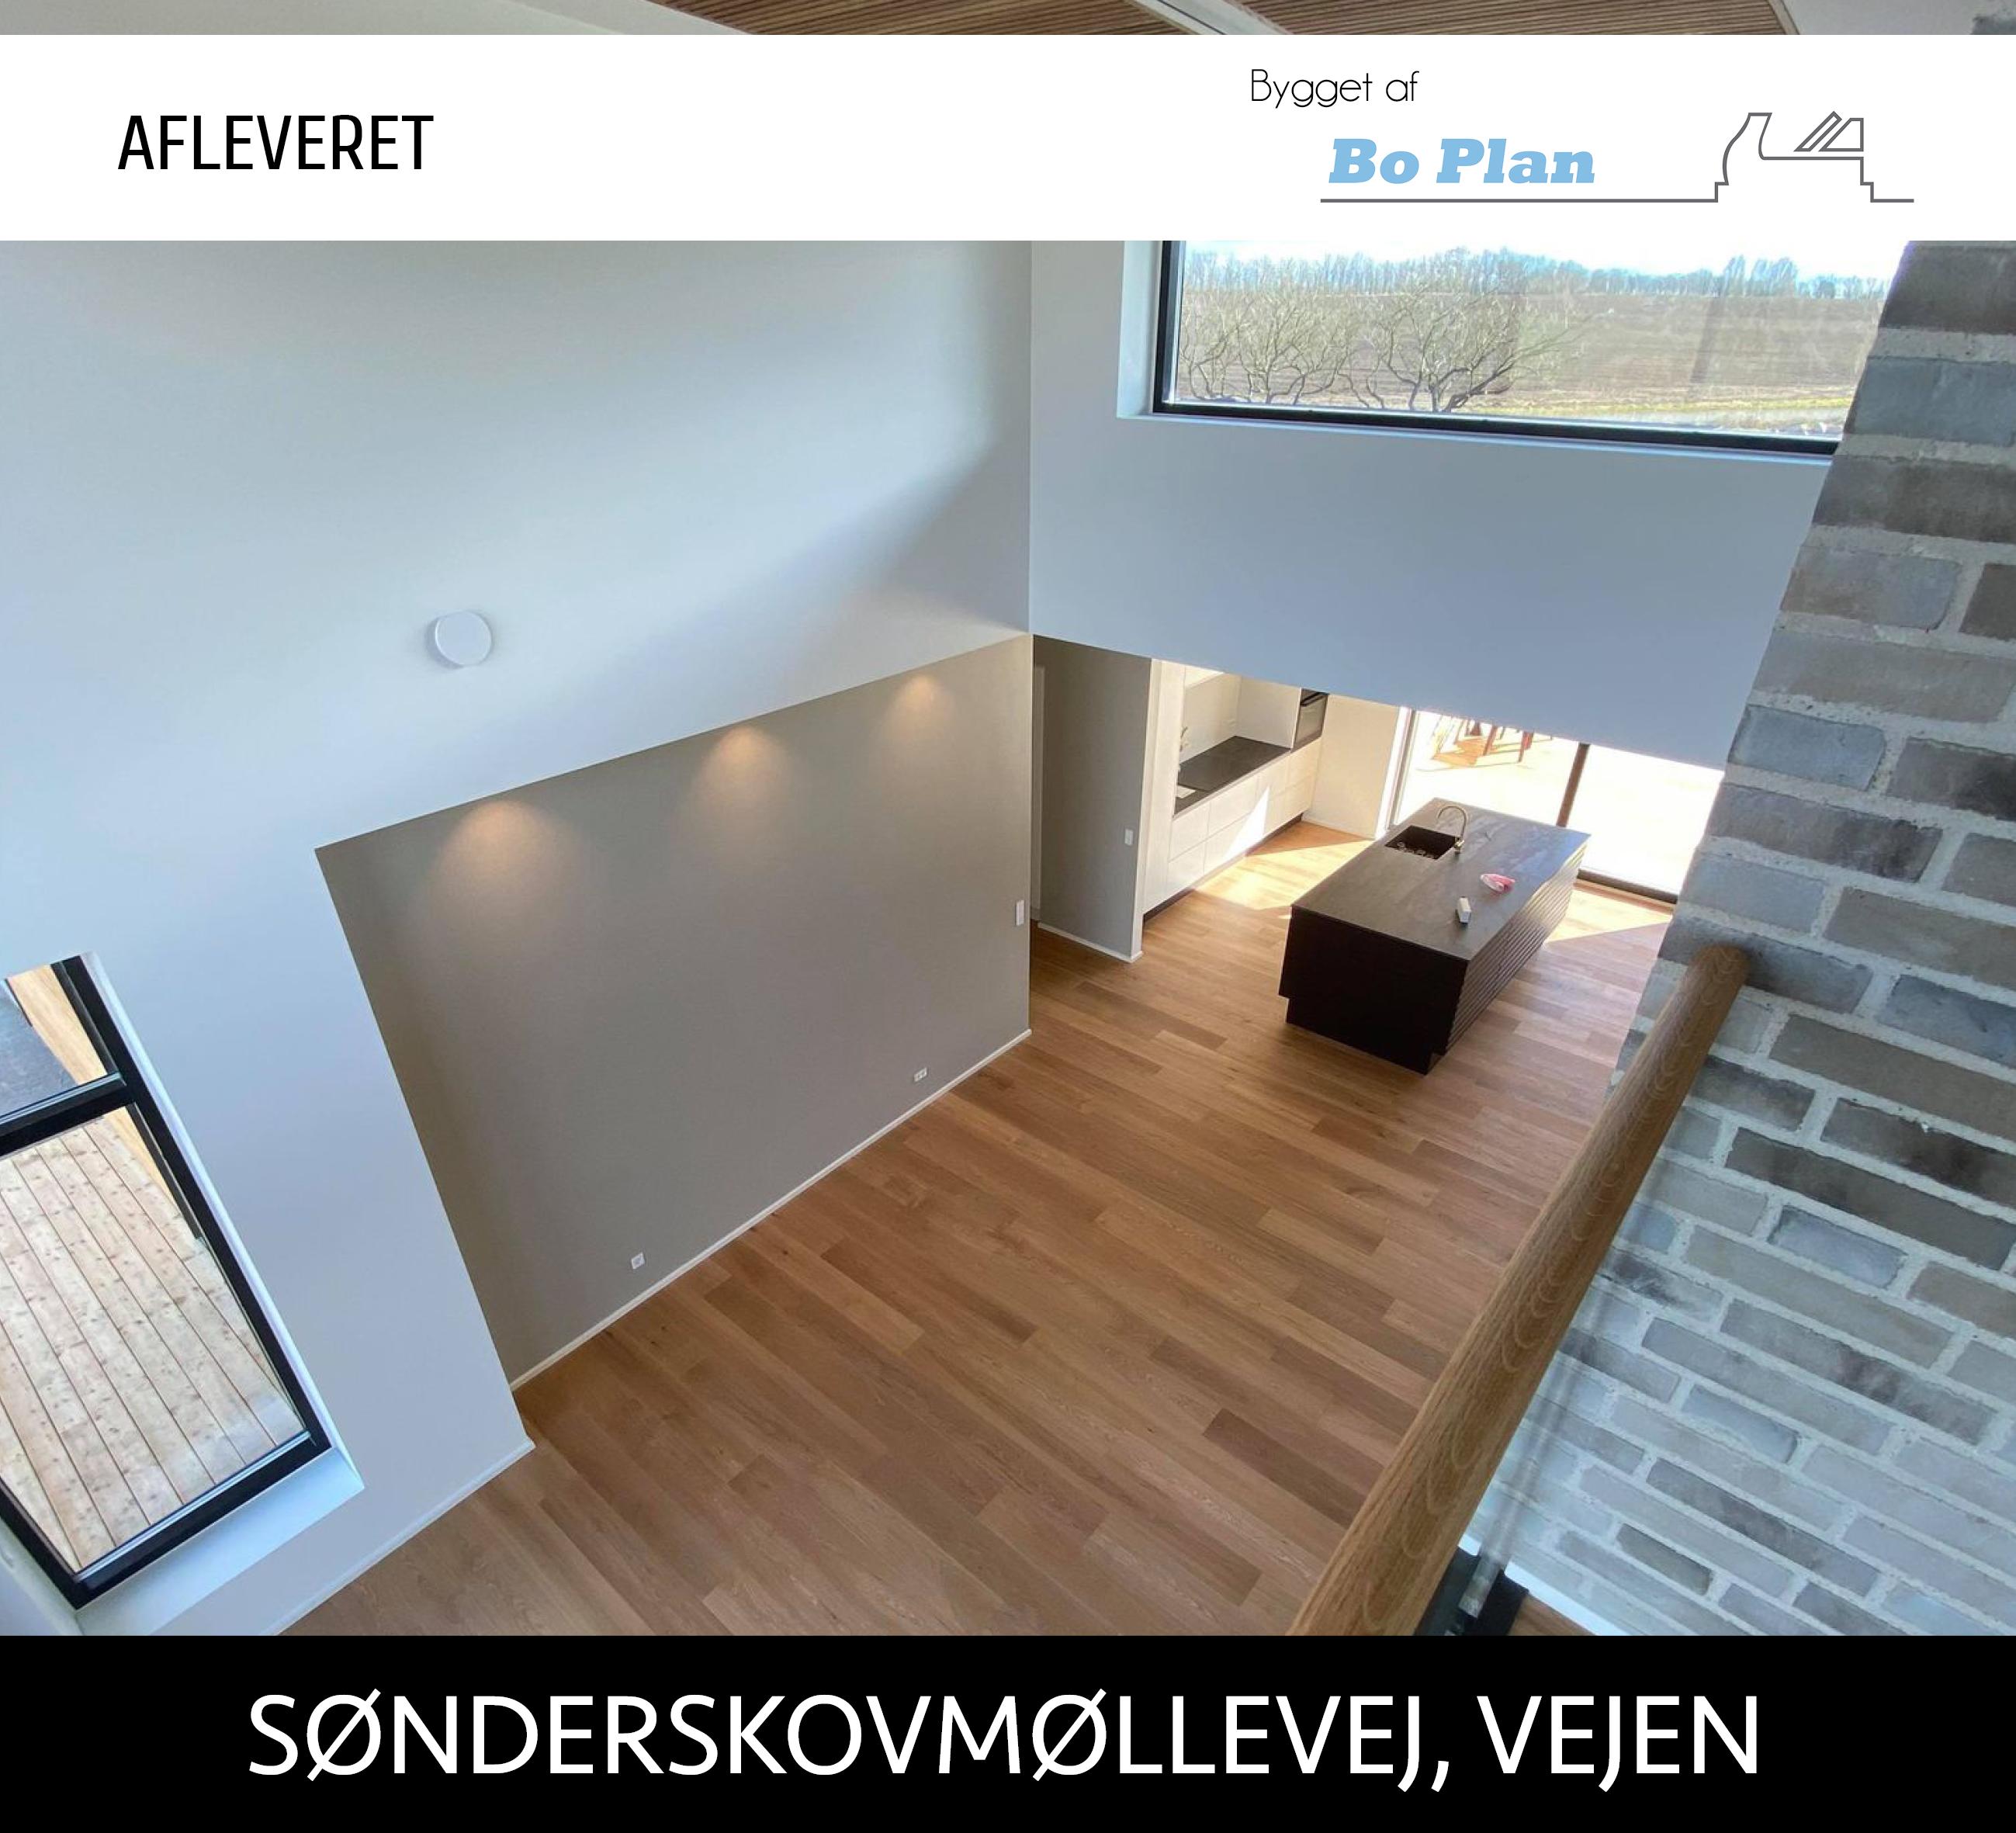 Sønderskovmøllevej,Vejen_afleveret10